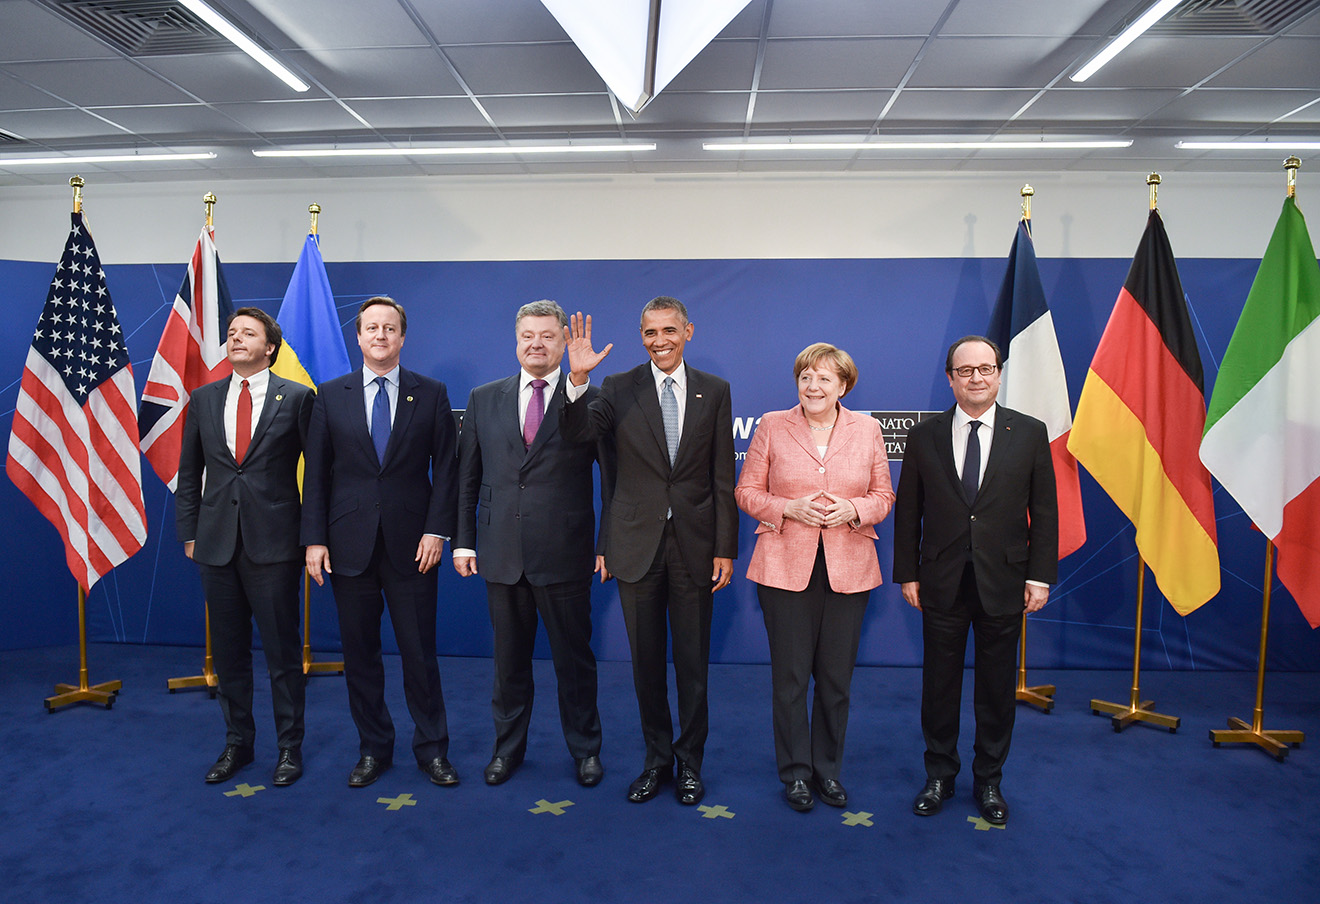 Саммит глав государств и правительств стран НАТО в Варшаве, 9 июля 2016. Фото: Николай Лазаренко / ТАСС